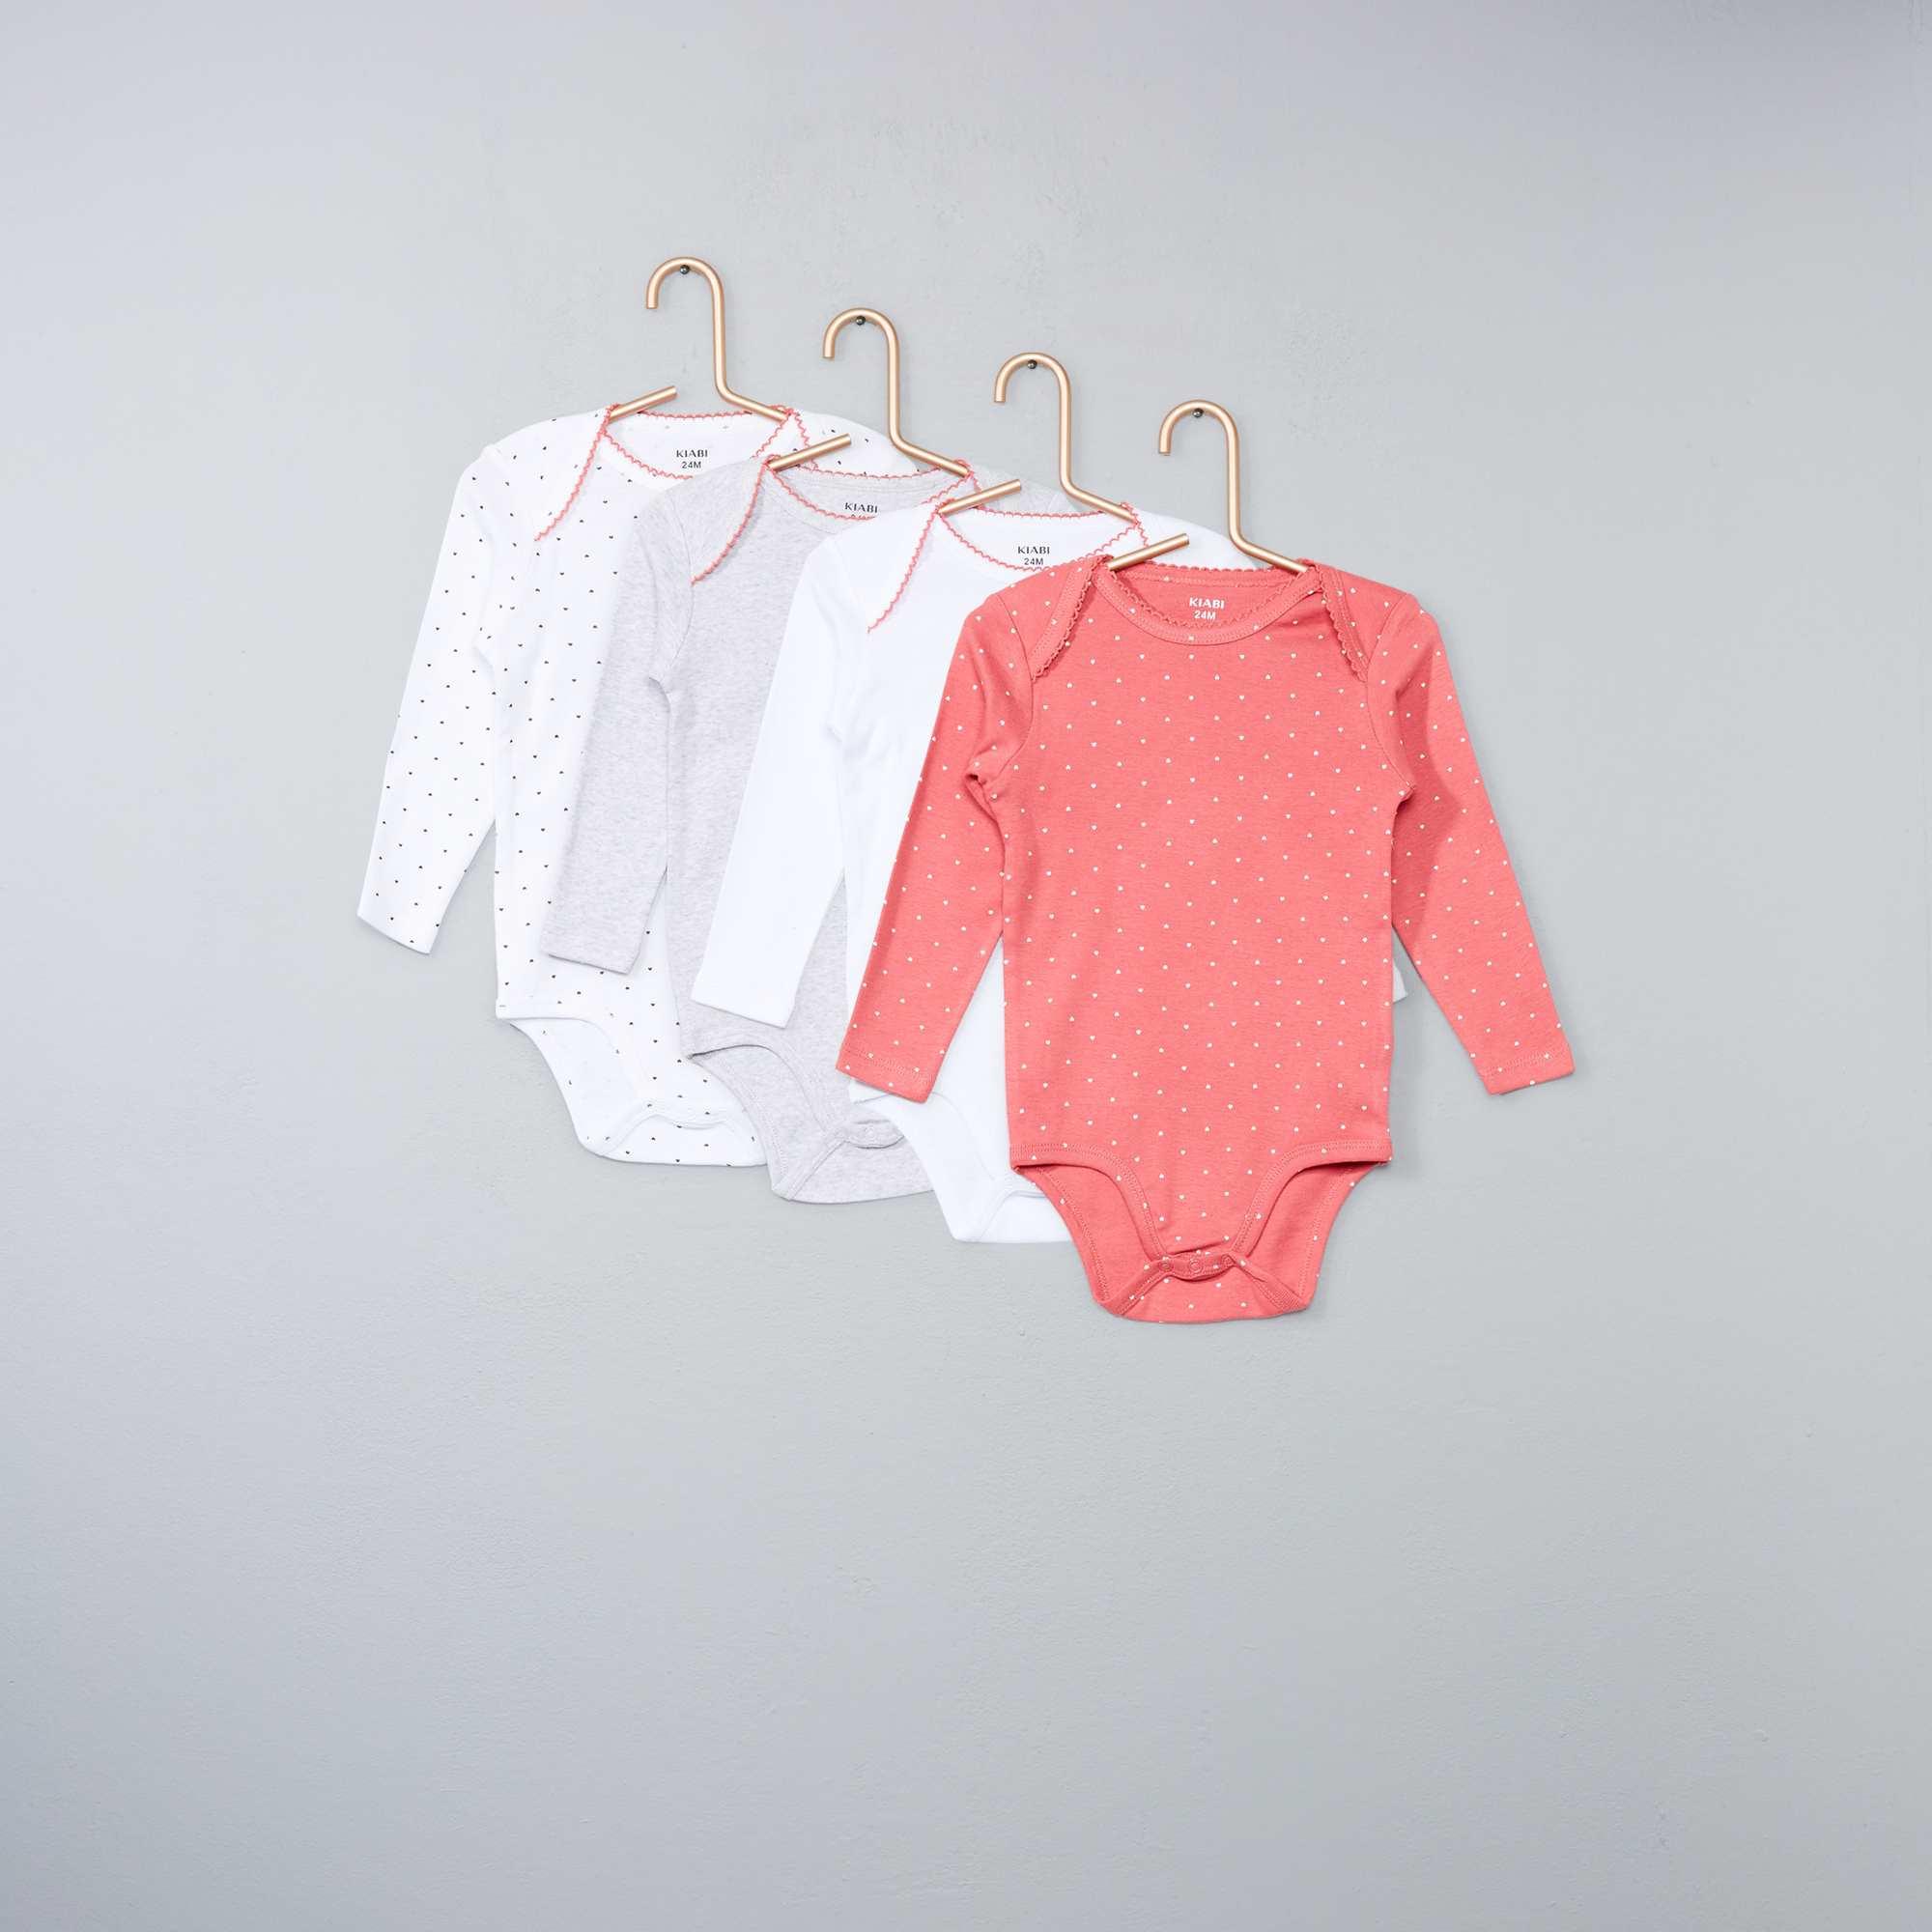 ed57d79982b Lot de 4 bodies pur coton Bébé fille - rose - Kiabi - 7